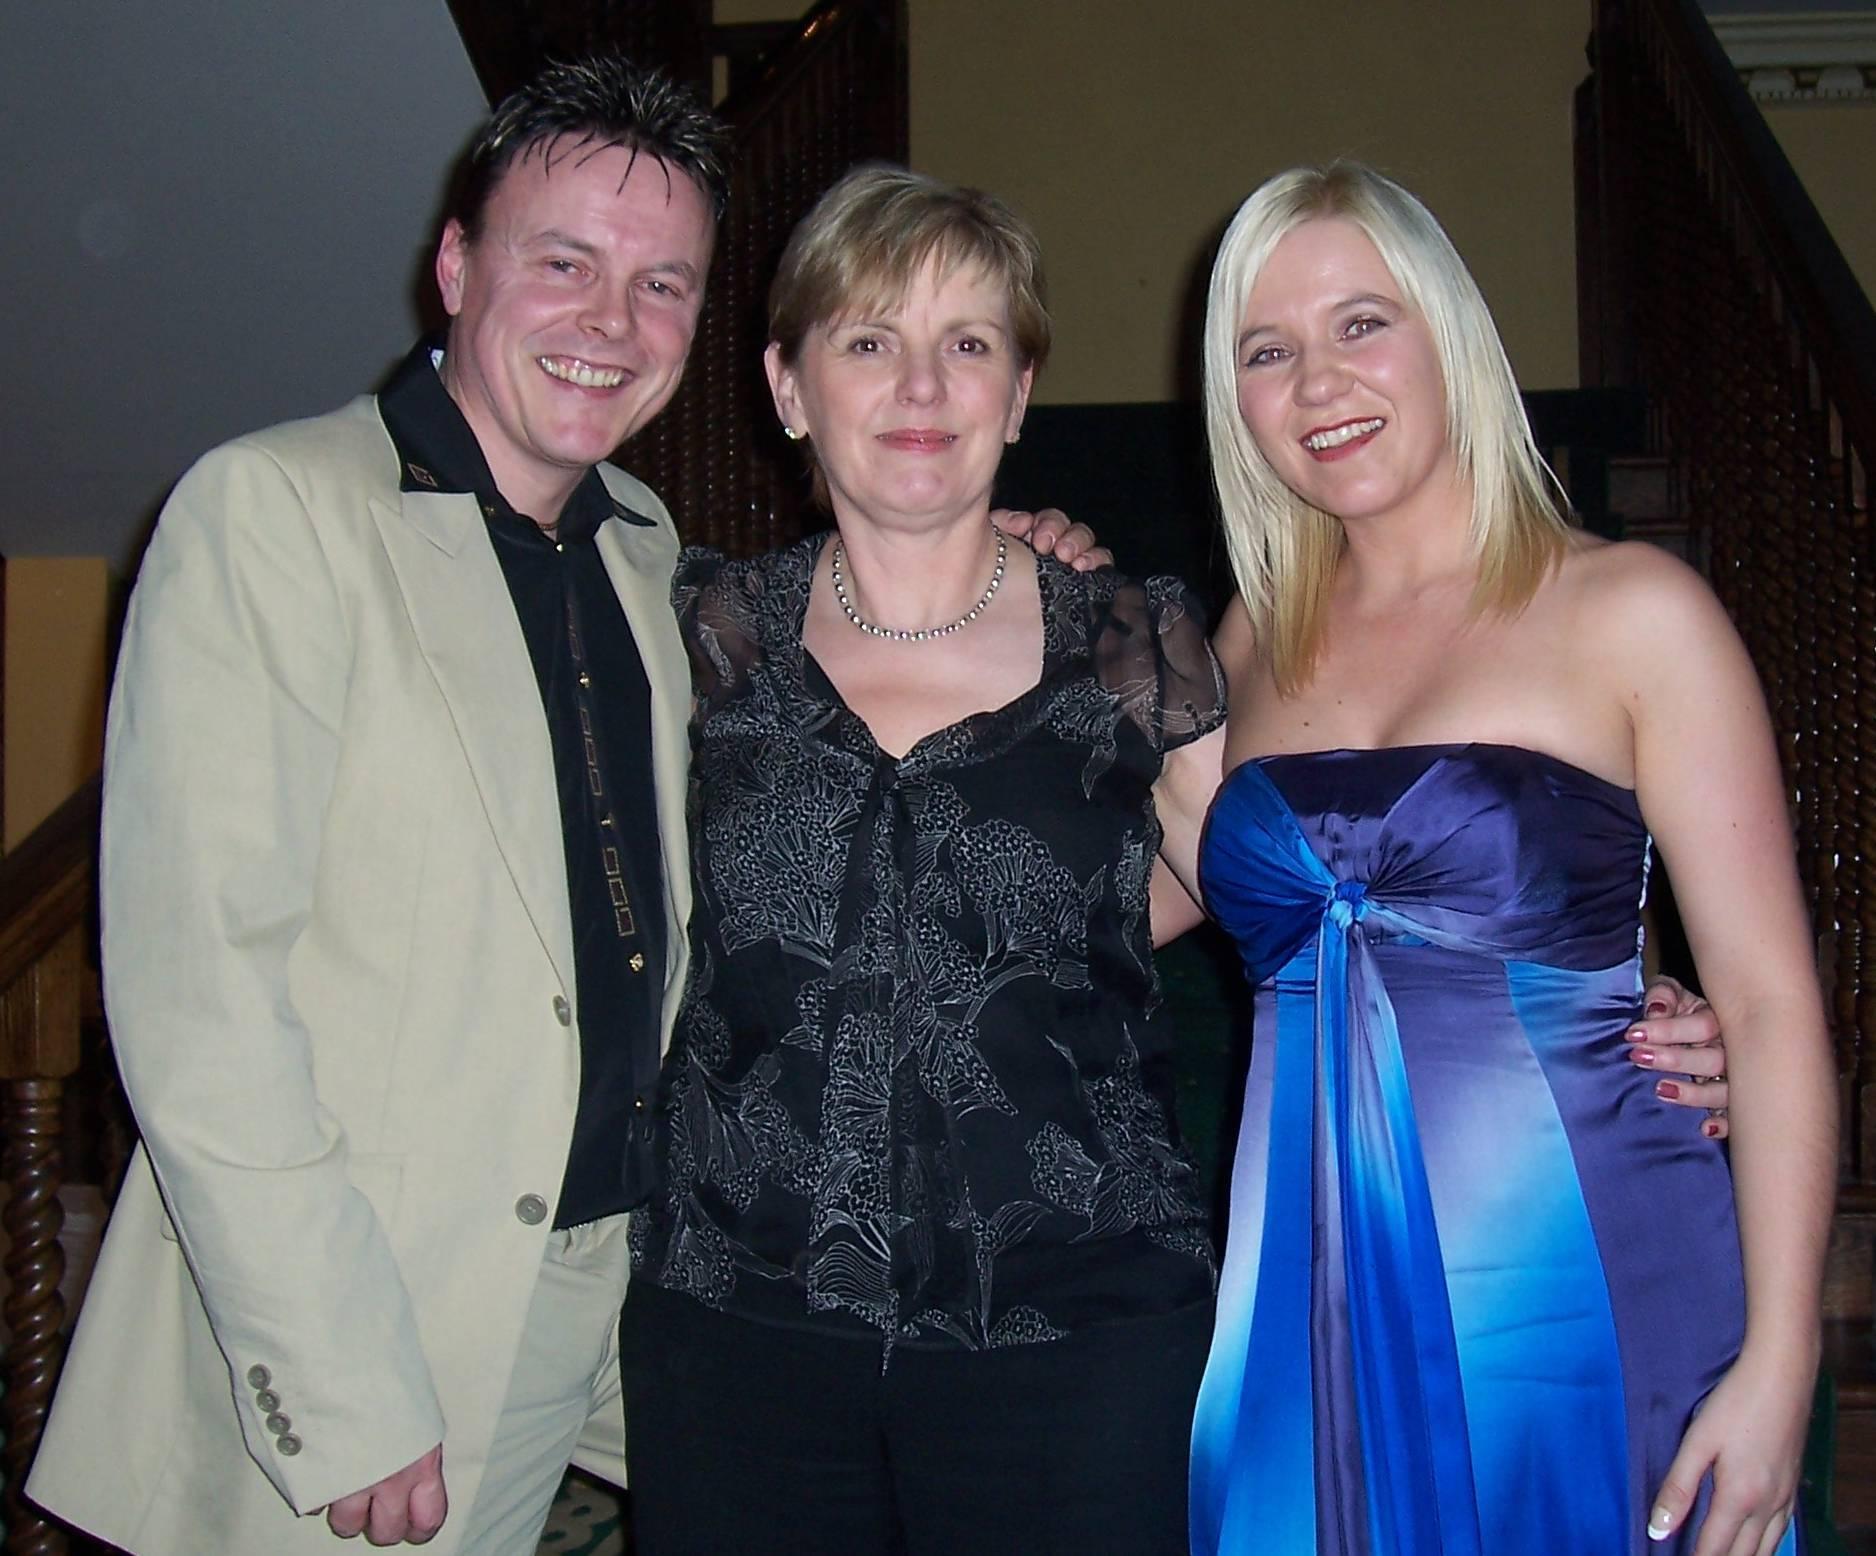 TM, Denise Frazer & FE at Awards, Setanta House Hotel, Kildare